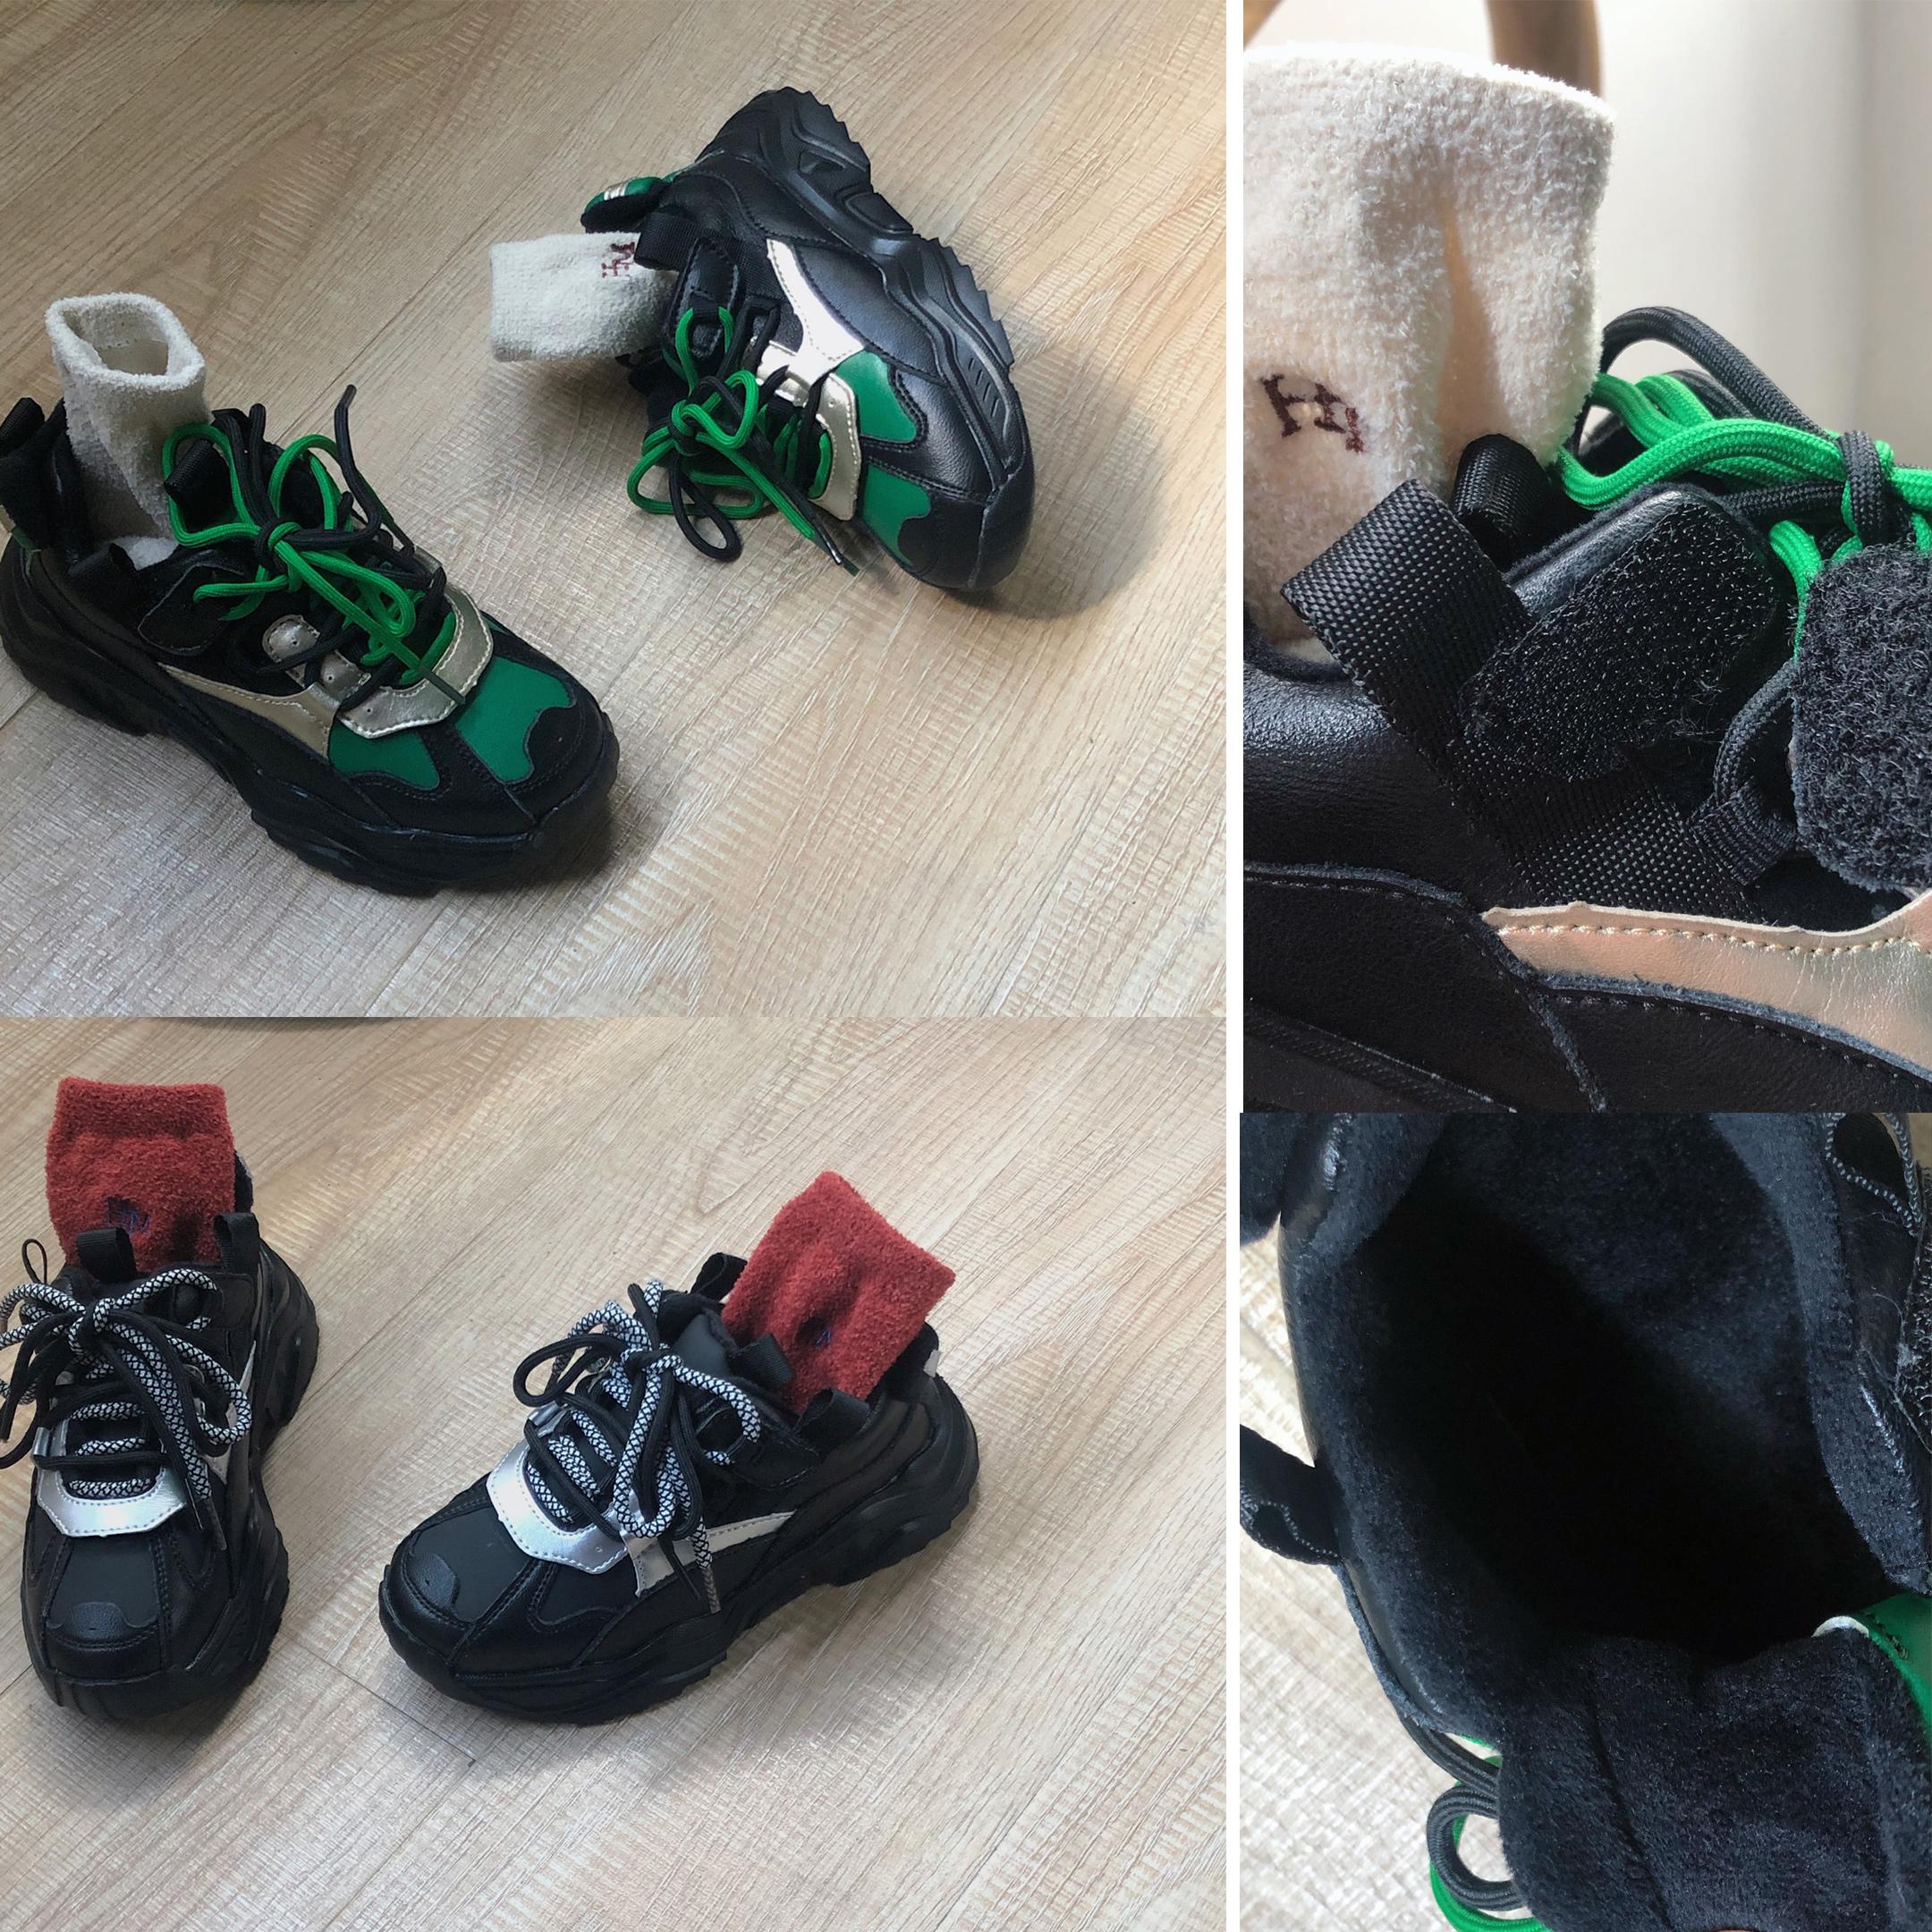 美妞 女童男童宝宝帅气拼色运动鞋 加绒 有魔术贴 鞋带是装饰